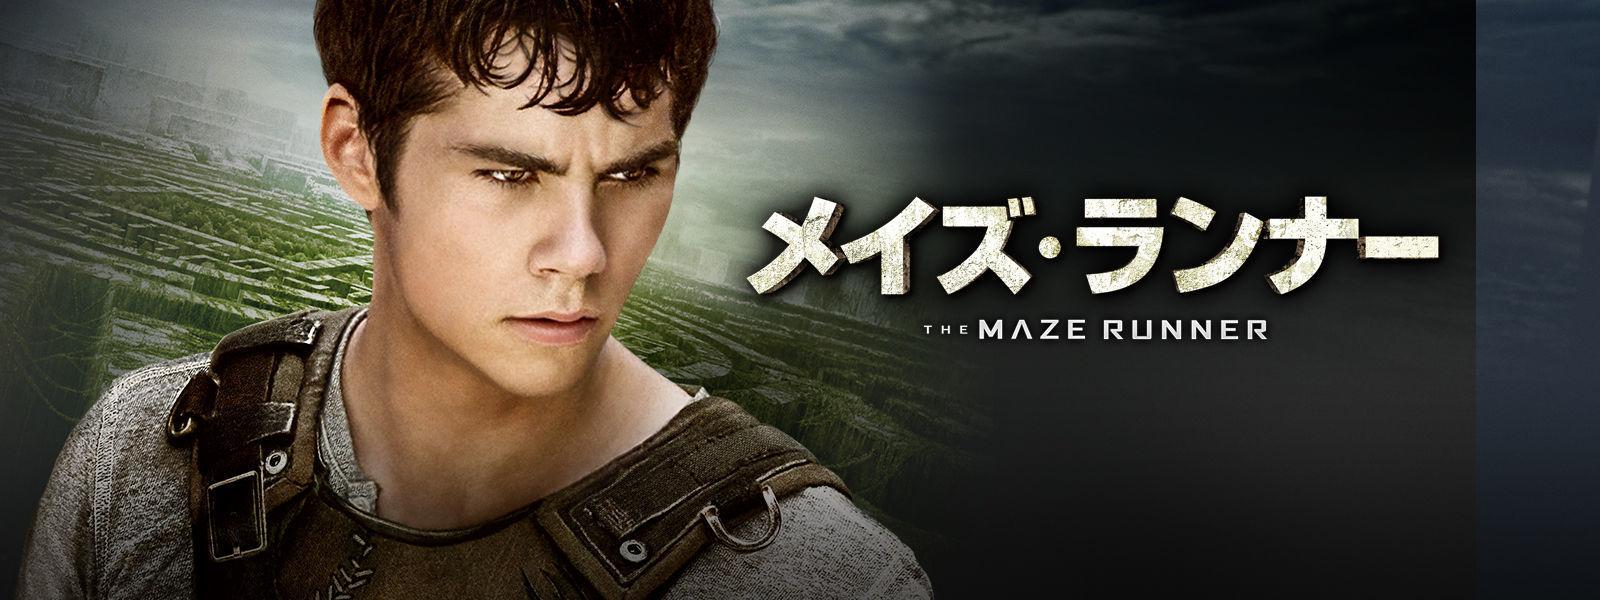 メイズ・ランナー The Maze Runner Hero